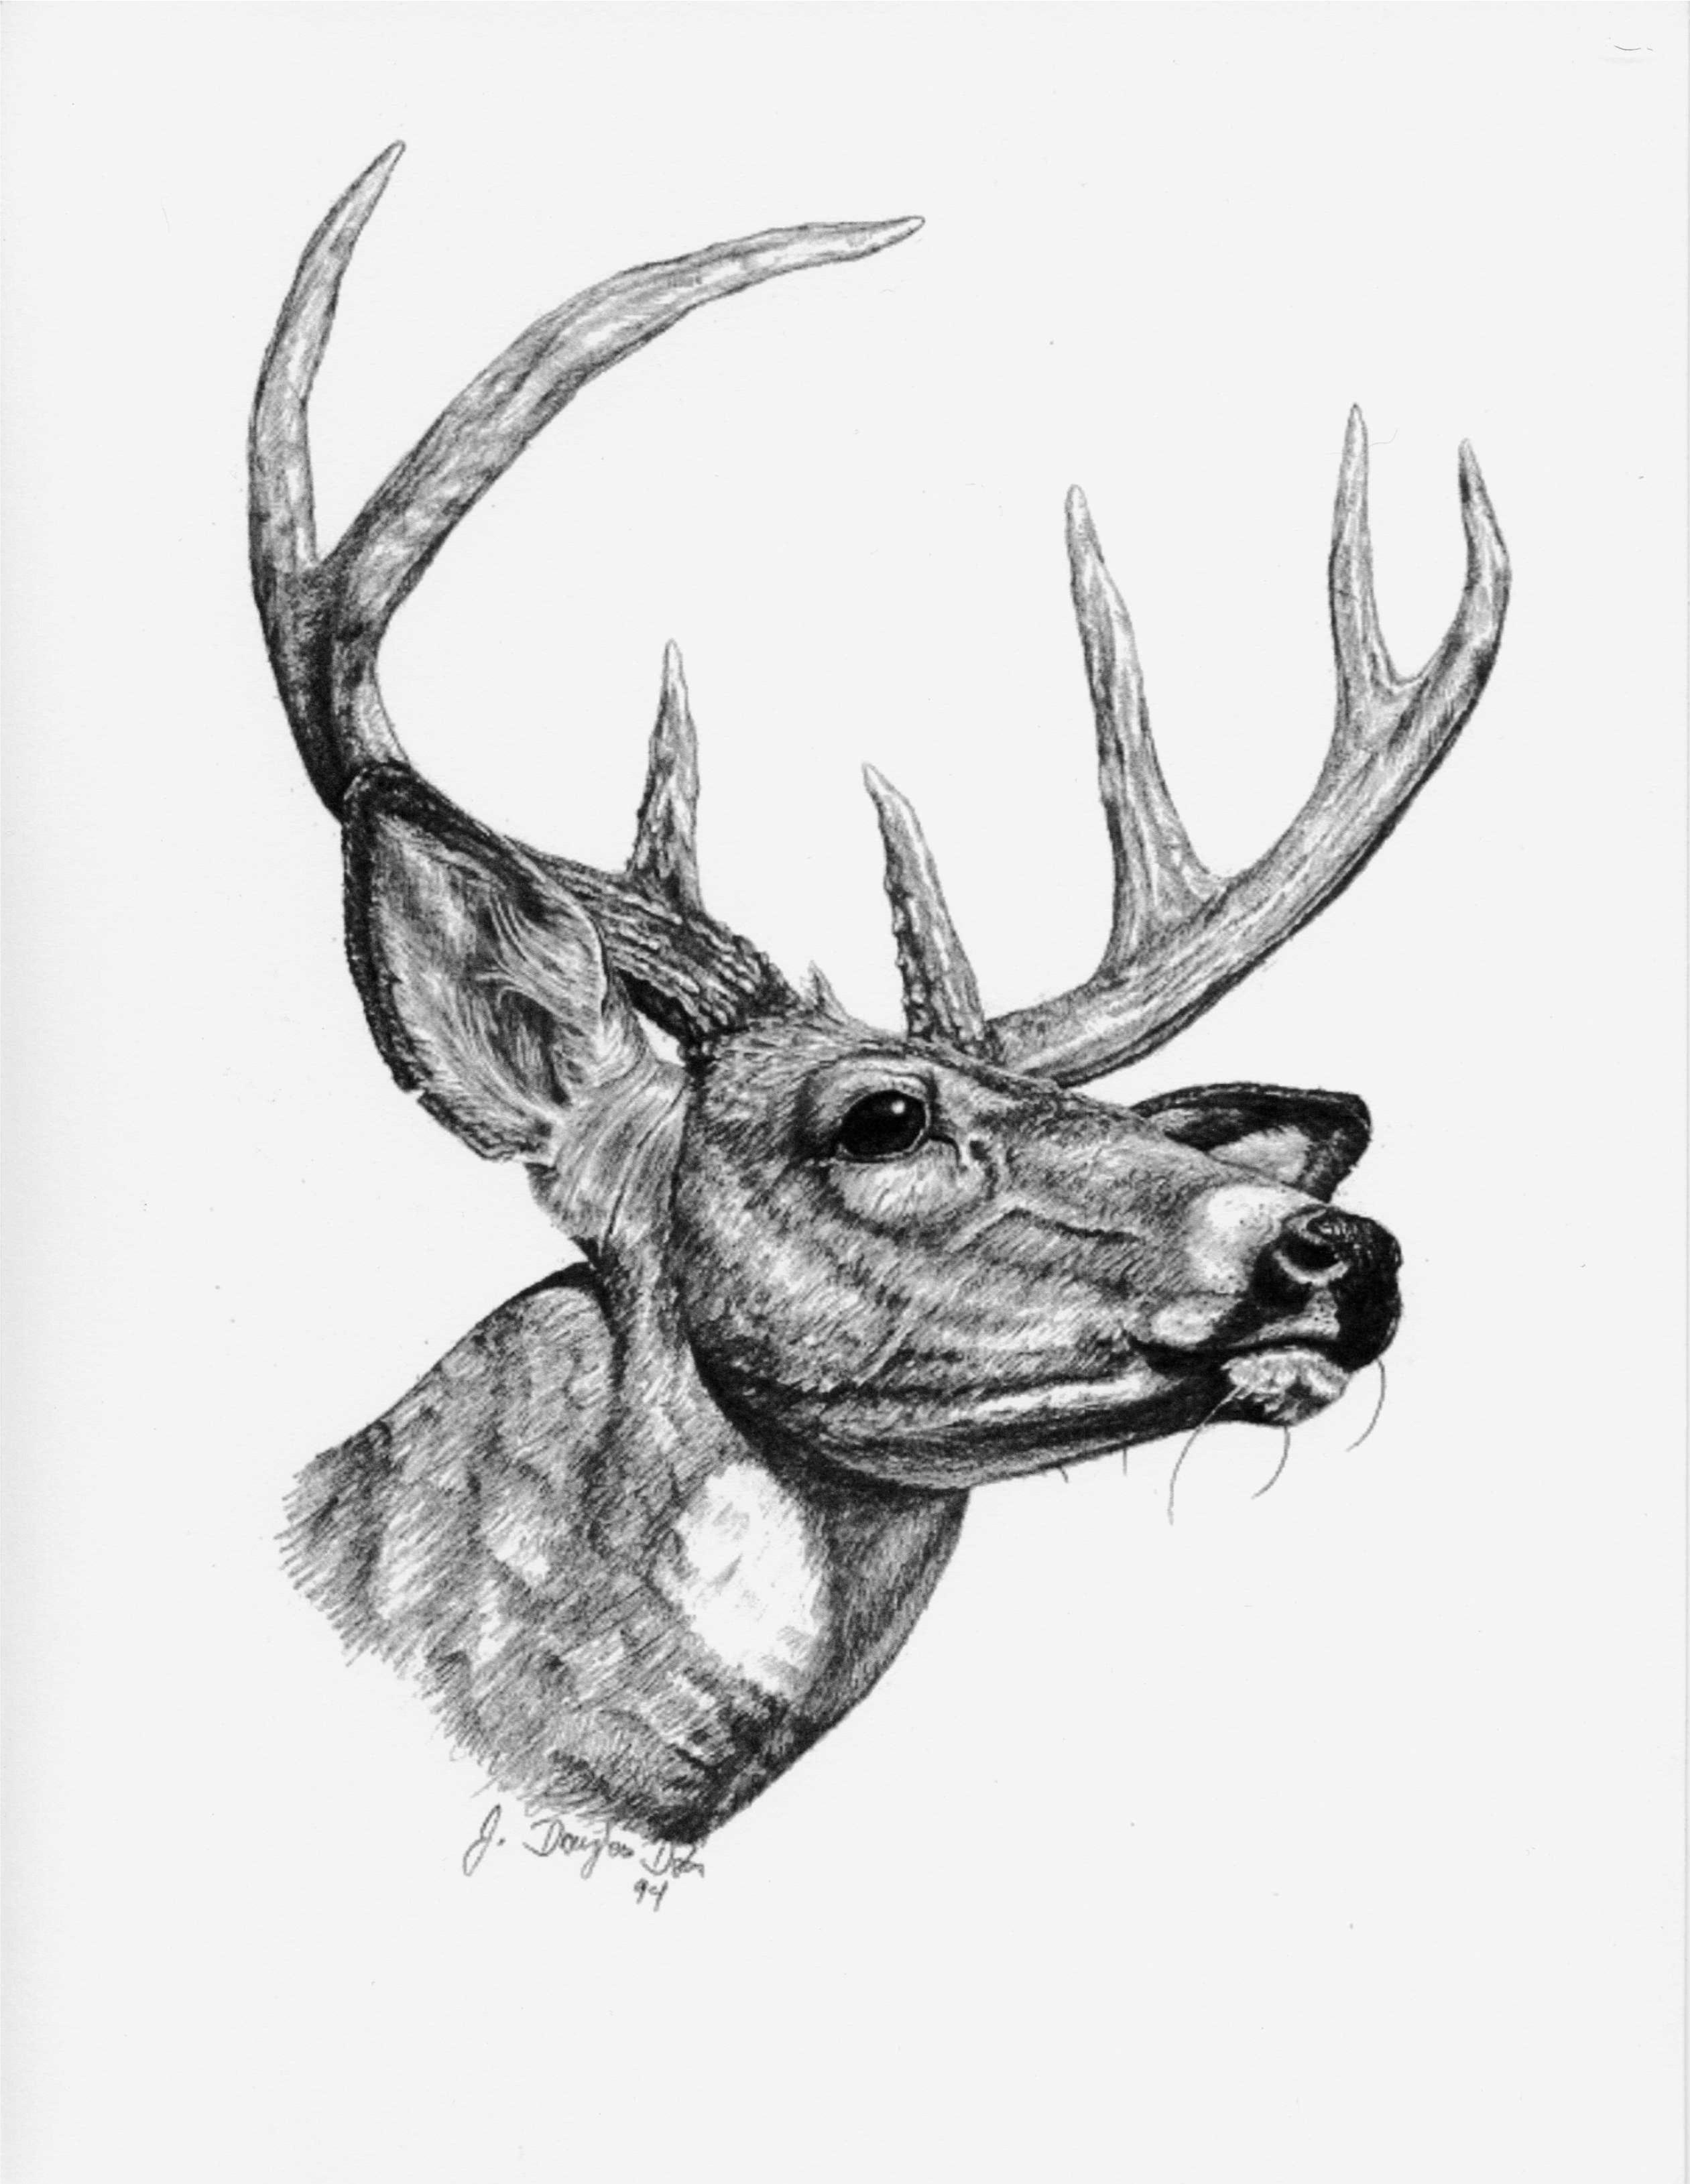 deer sketch mule deer by sesroh on deviantart sketch deer